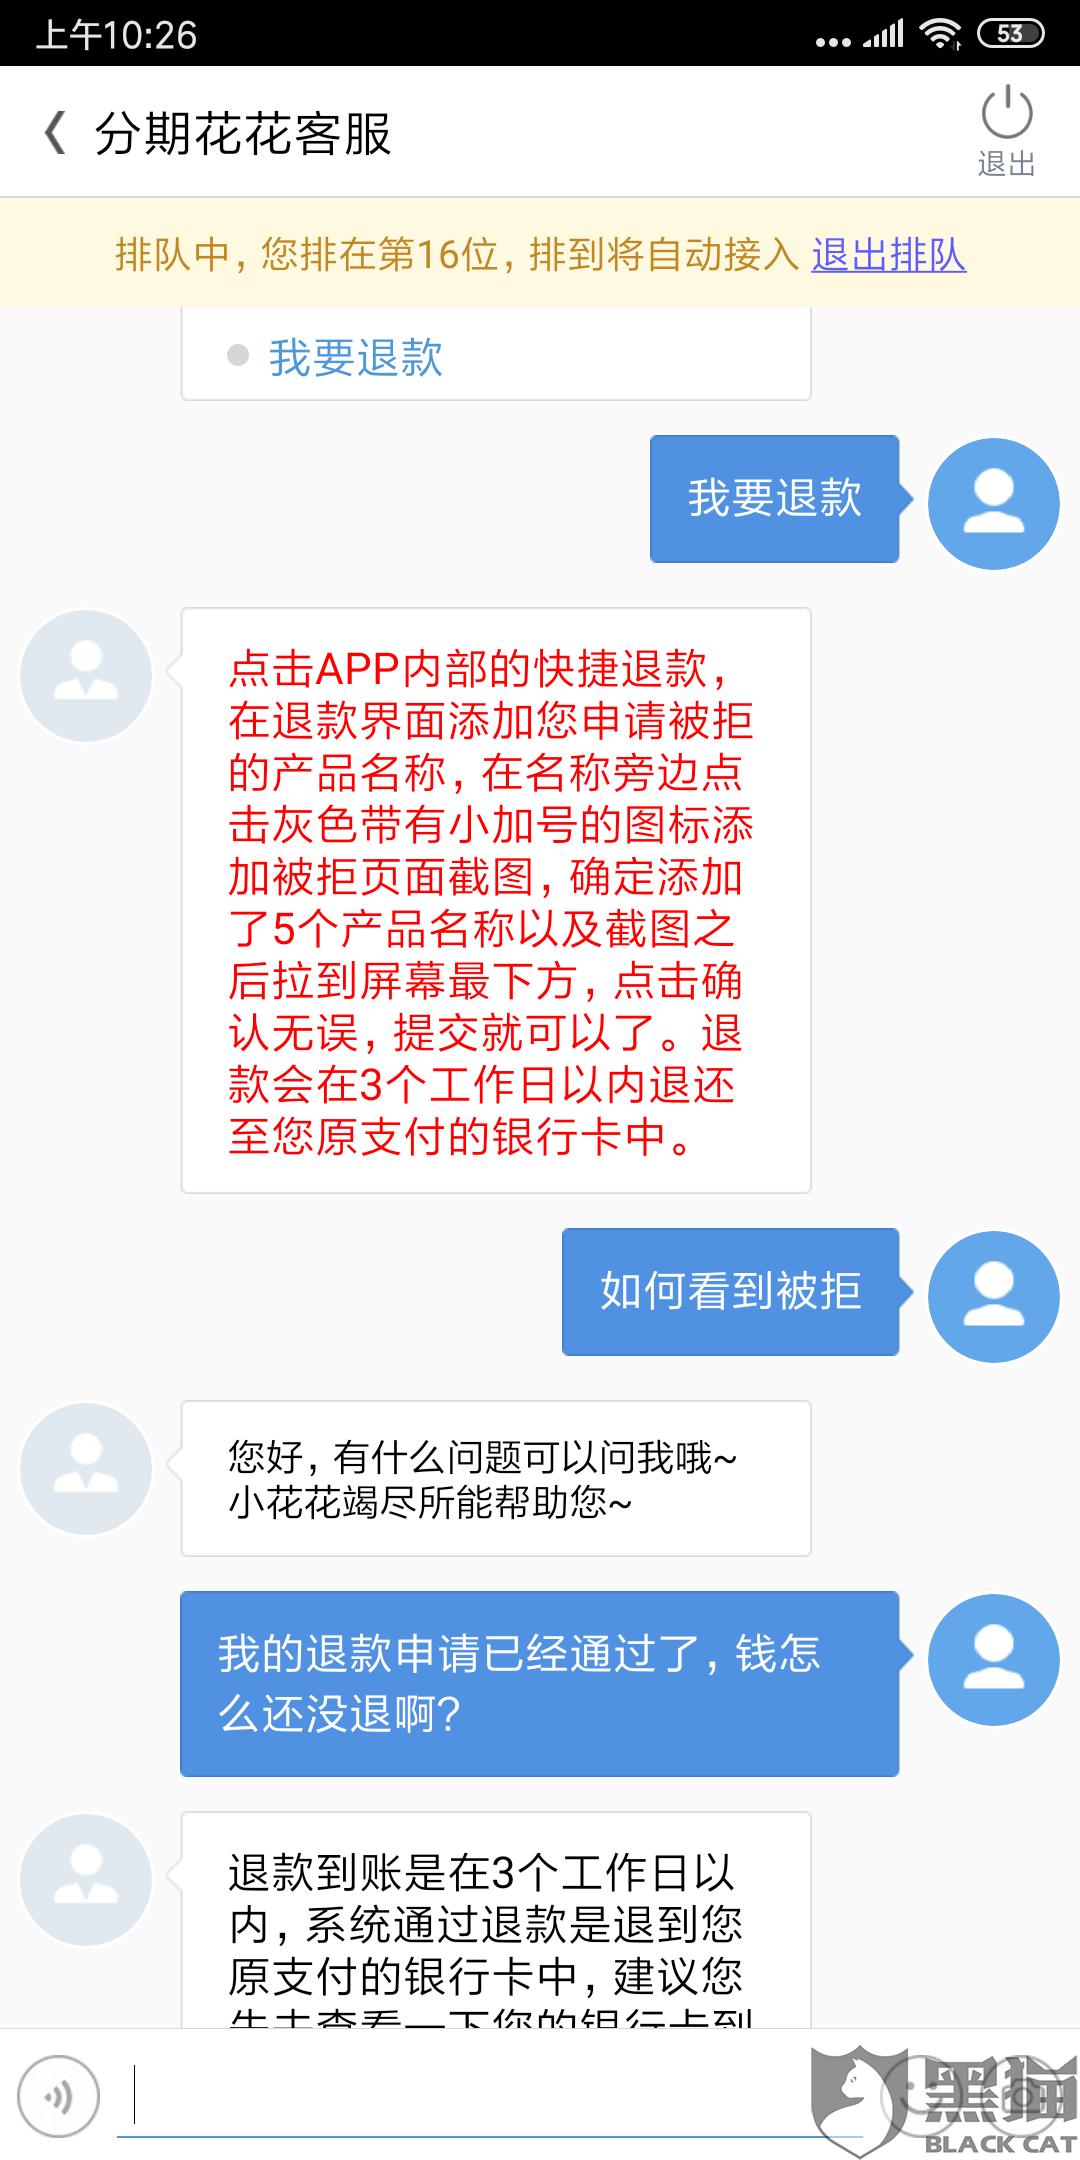 windows7旗舰版怎么恢复出厂设置密码,黑猫投诉:分期花花下载app看协议就扣会费299(已解决)